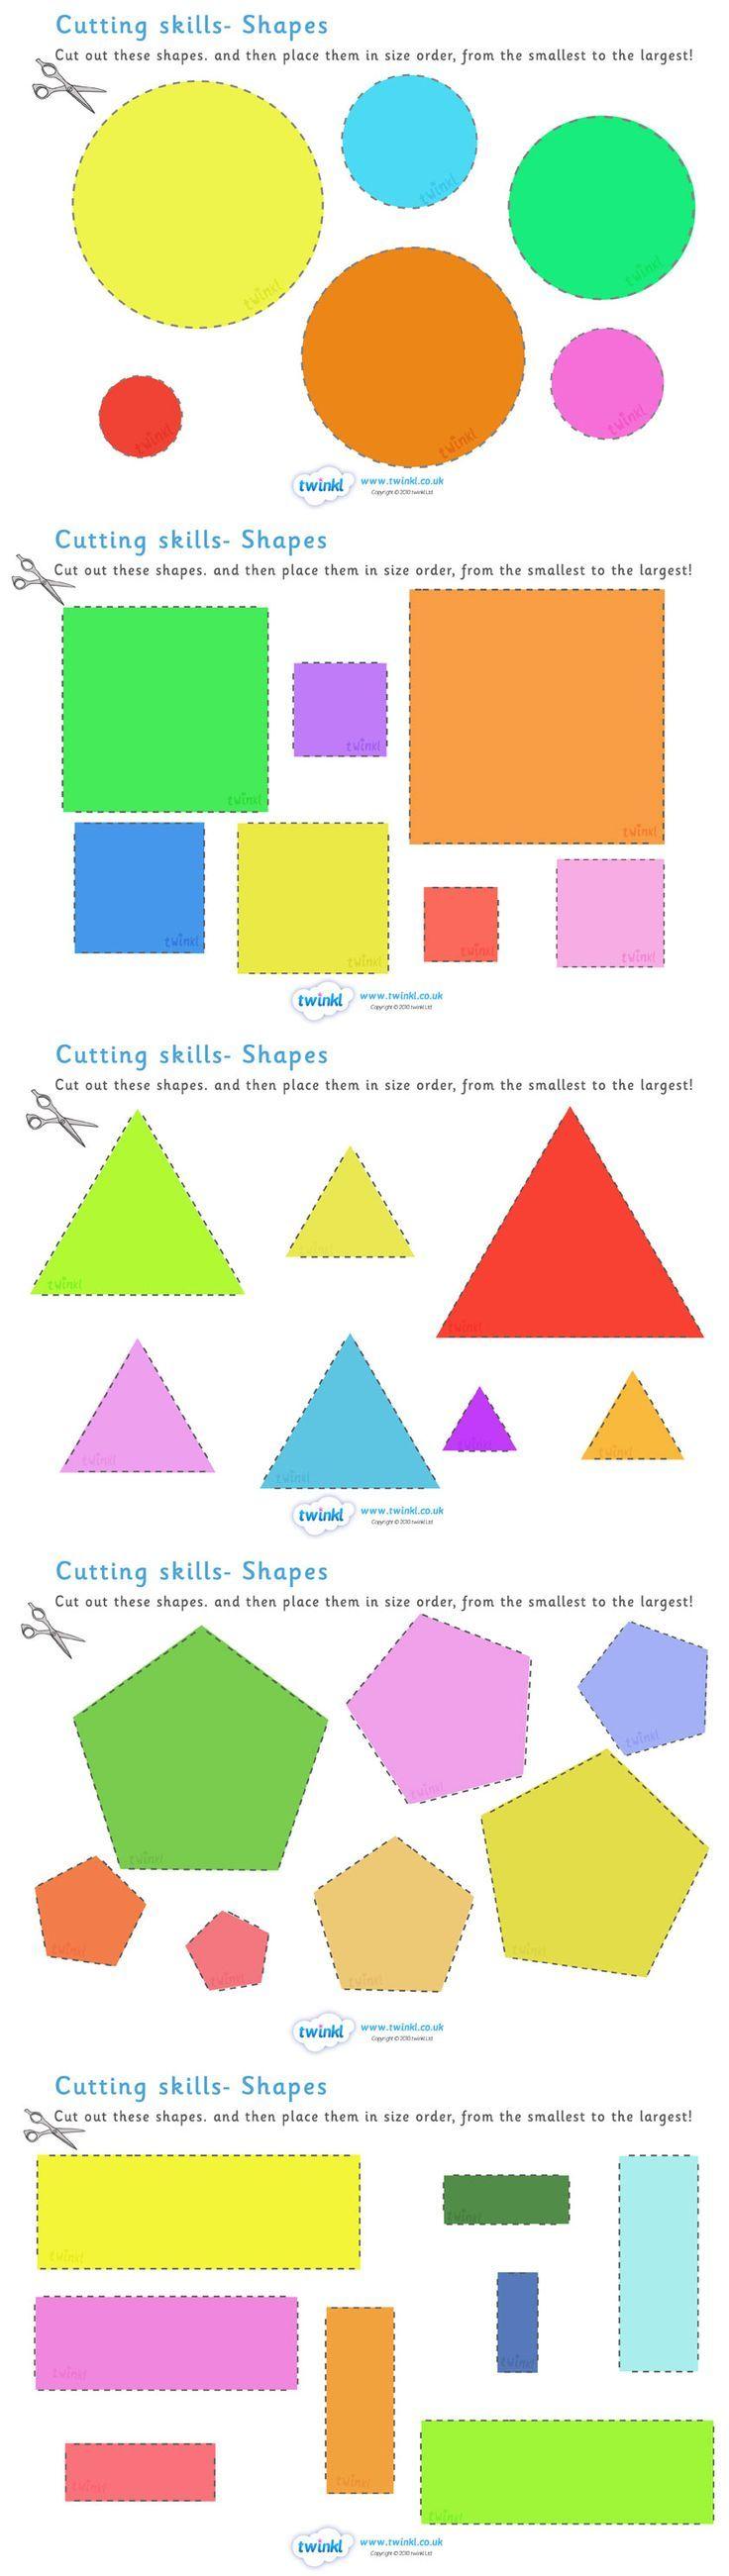 Forme, dimensioni e colori: fate tagliare le forme. Nominate ogni forma, chiedete quante cose conoscono con quella forma. Chiedete il nome dei colori della forma. Chiedete di mettere in serie le forme, dalla più piccola alla più grande e viceversa. Ecco come insegnare i concetti sovraordinati di forme, colori, dimensioni, unitamente allo sviluppo della motricità fine e all'operazione mentale della seriazione attraverso l'uso del confronto tra dati (sviluppo del comportamento comparativo).